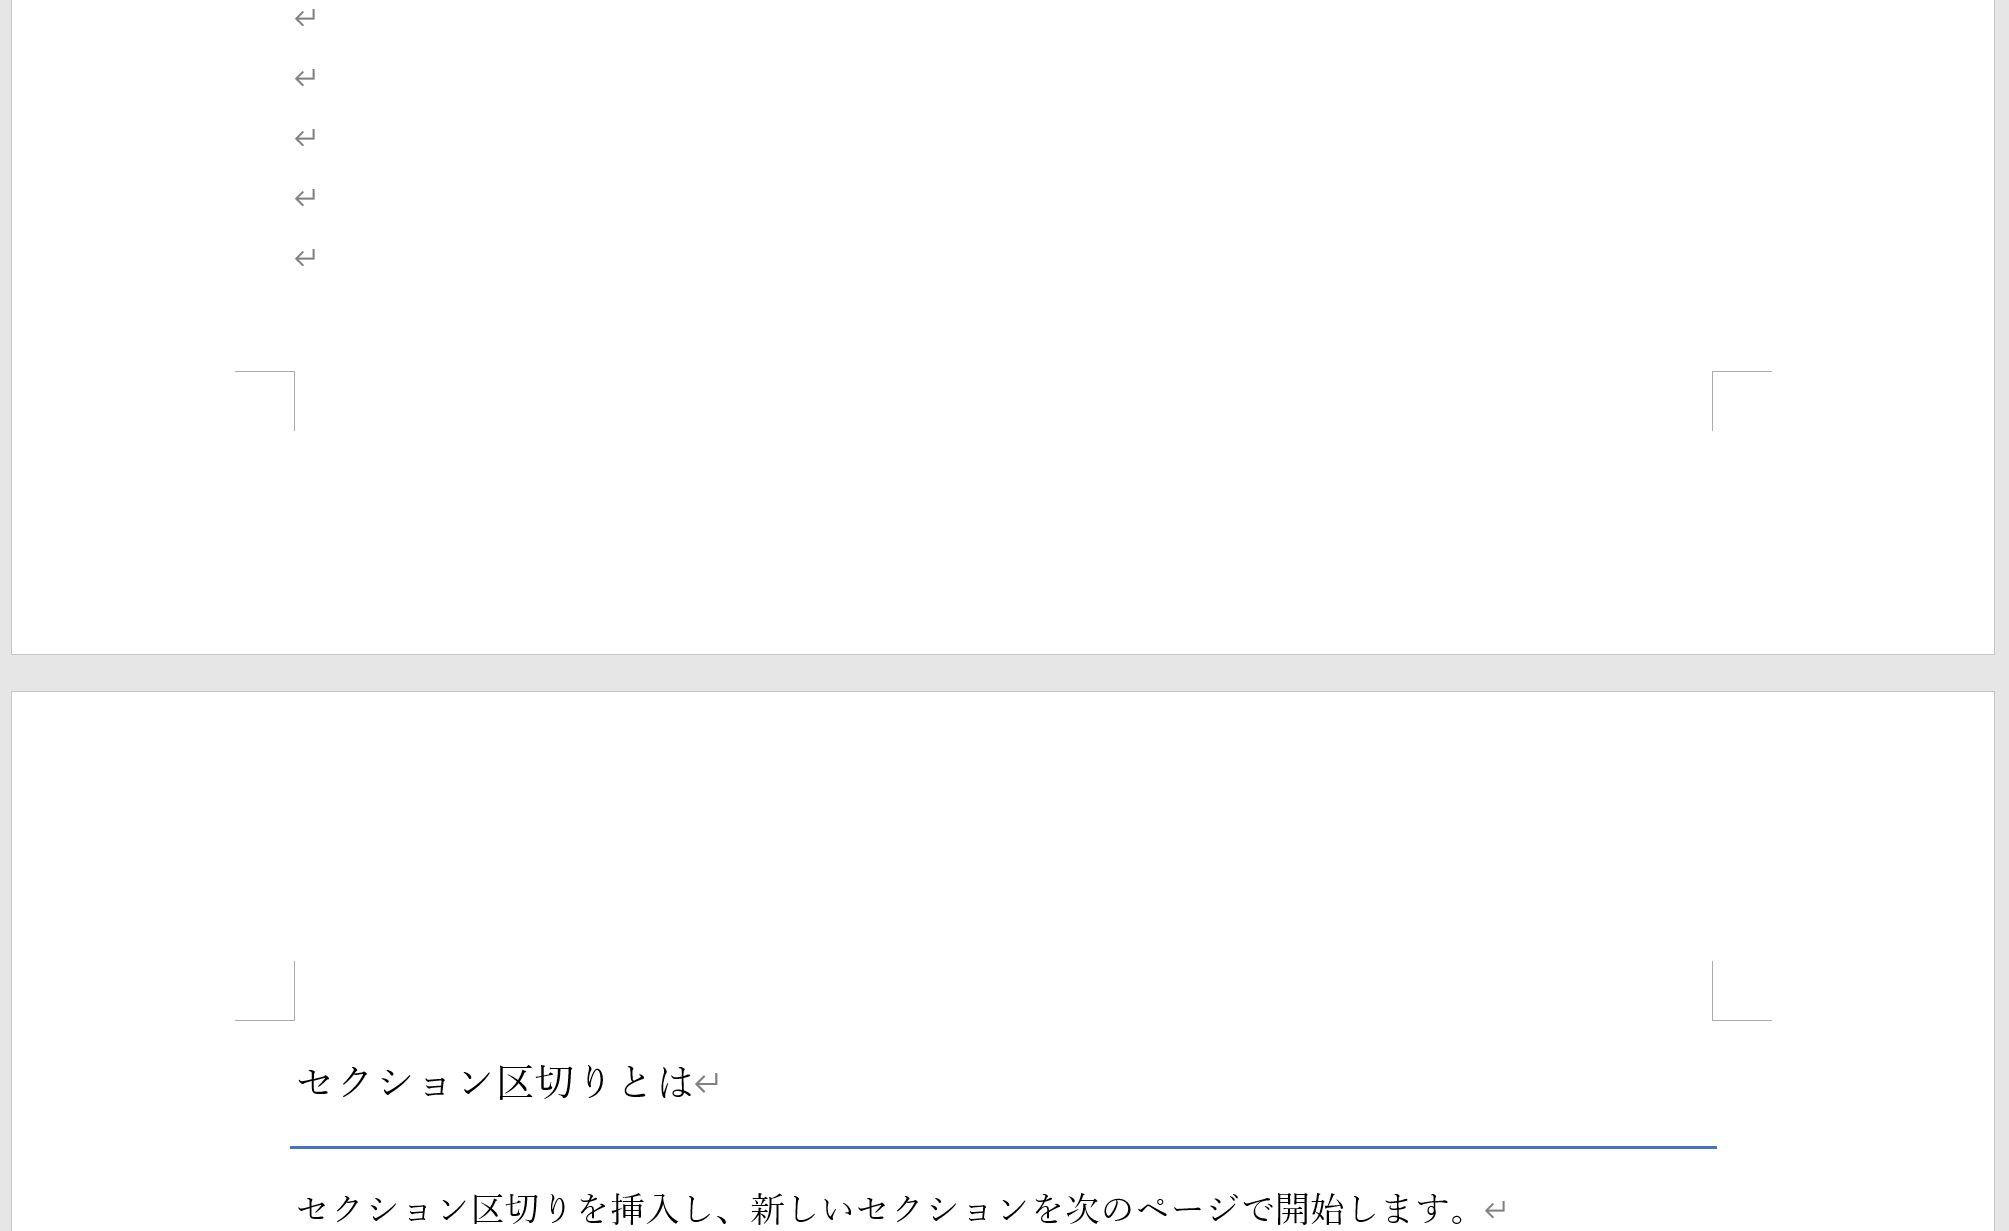 Enterキーの改ページ